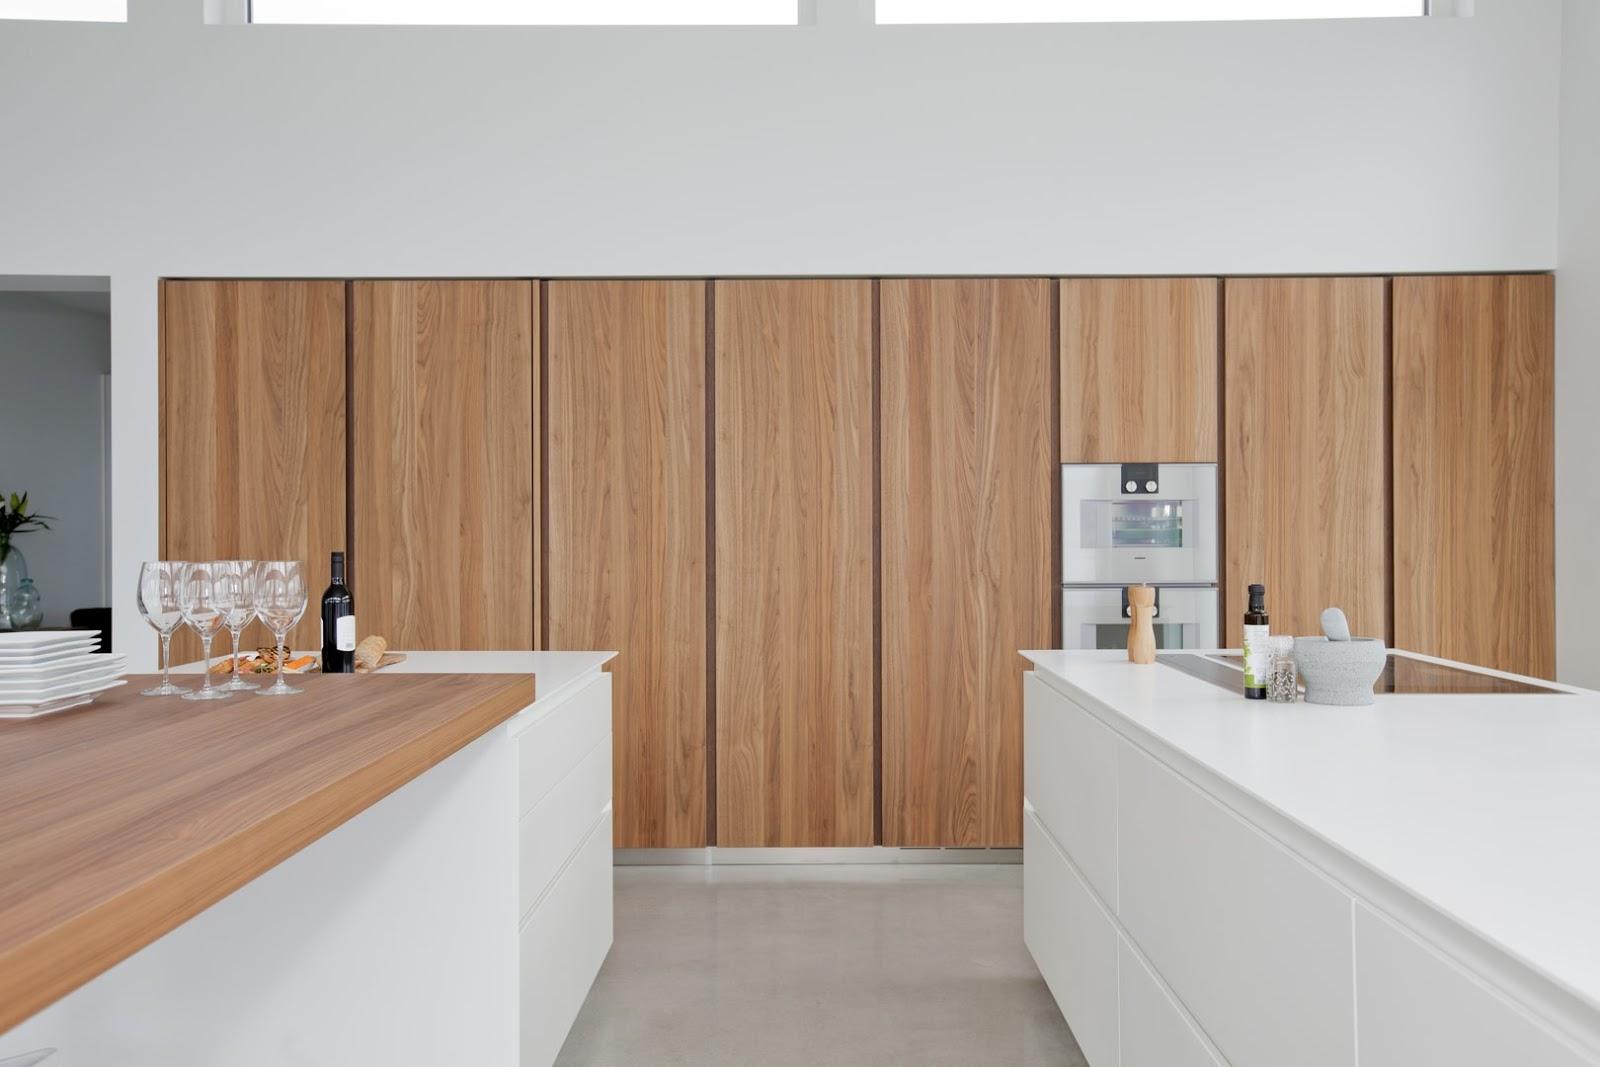 Dise ada tambi n para aprovechar y disfrutar las vistas cocinas con estilo Cocinas de madera blanca